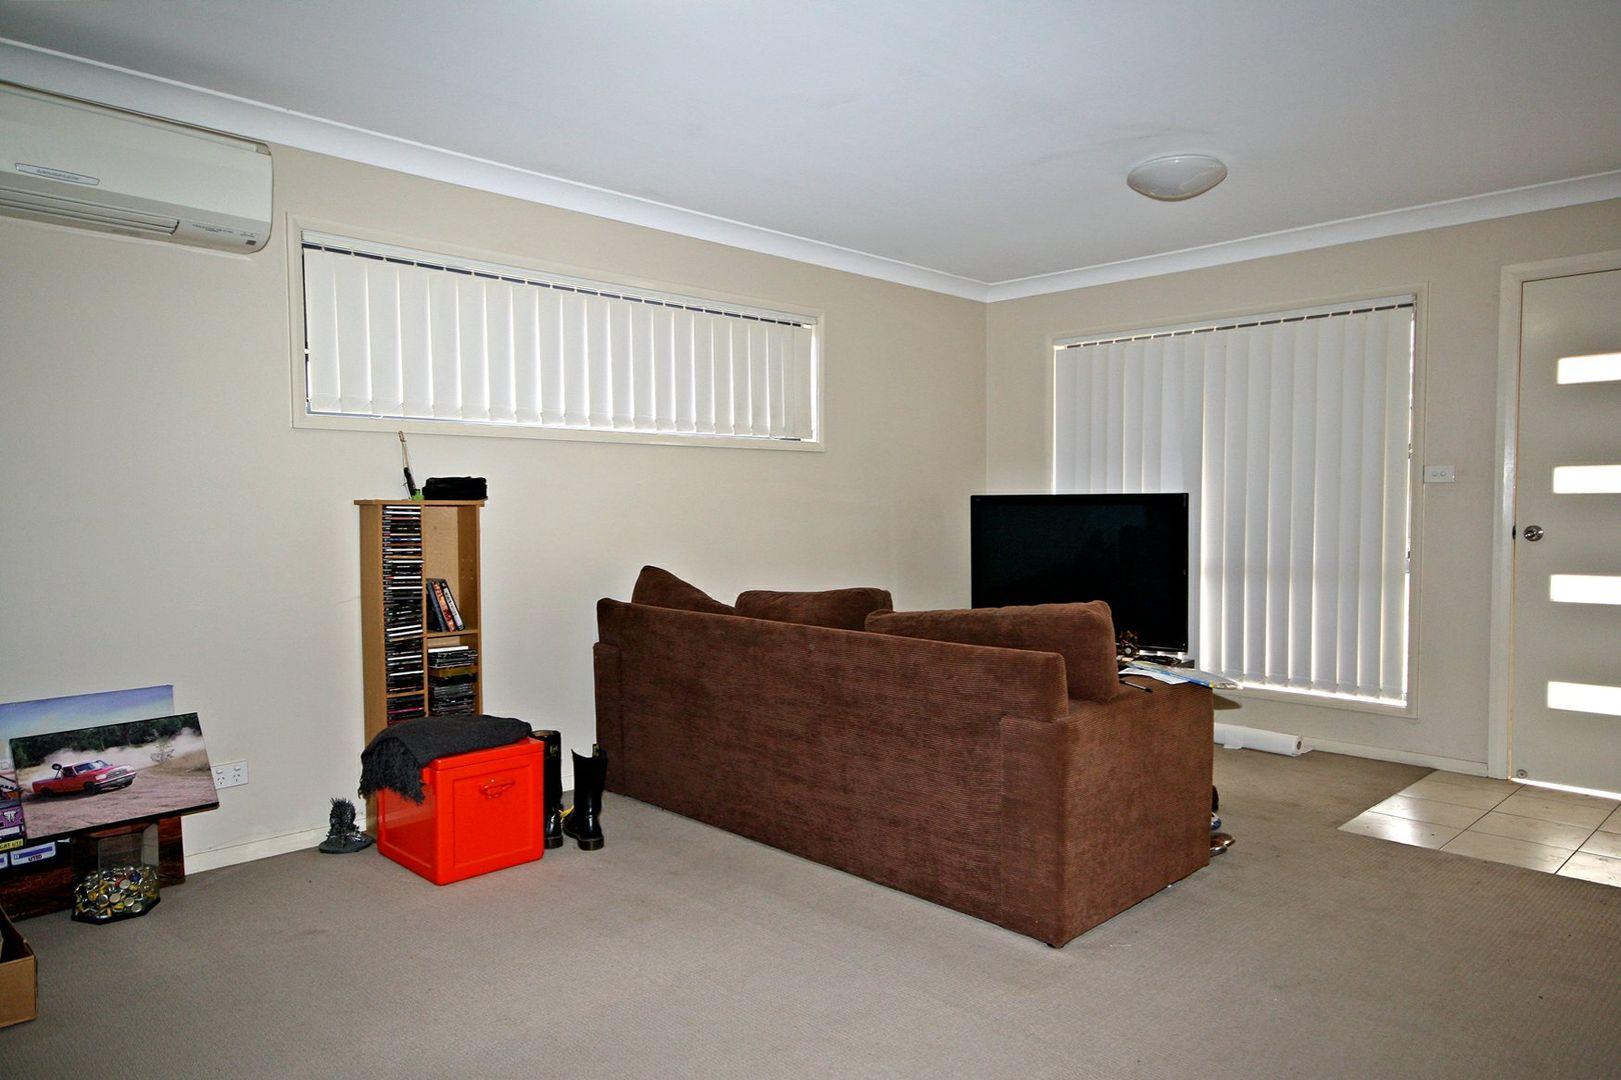 2/13 Foley Lane, Muswellbrook NSW 2333, Image 1